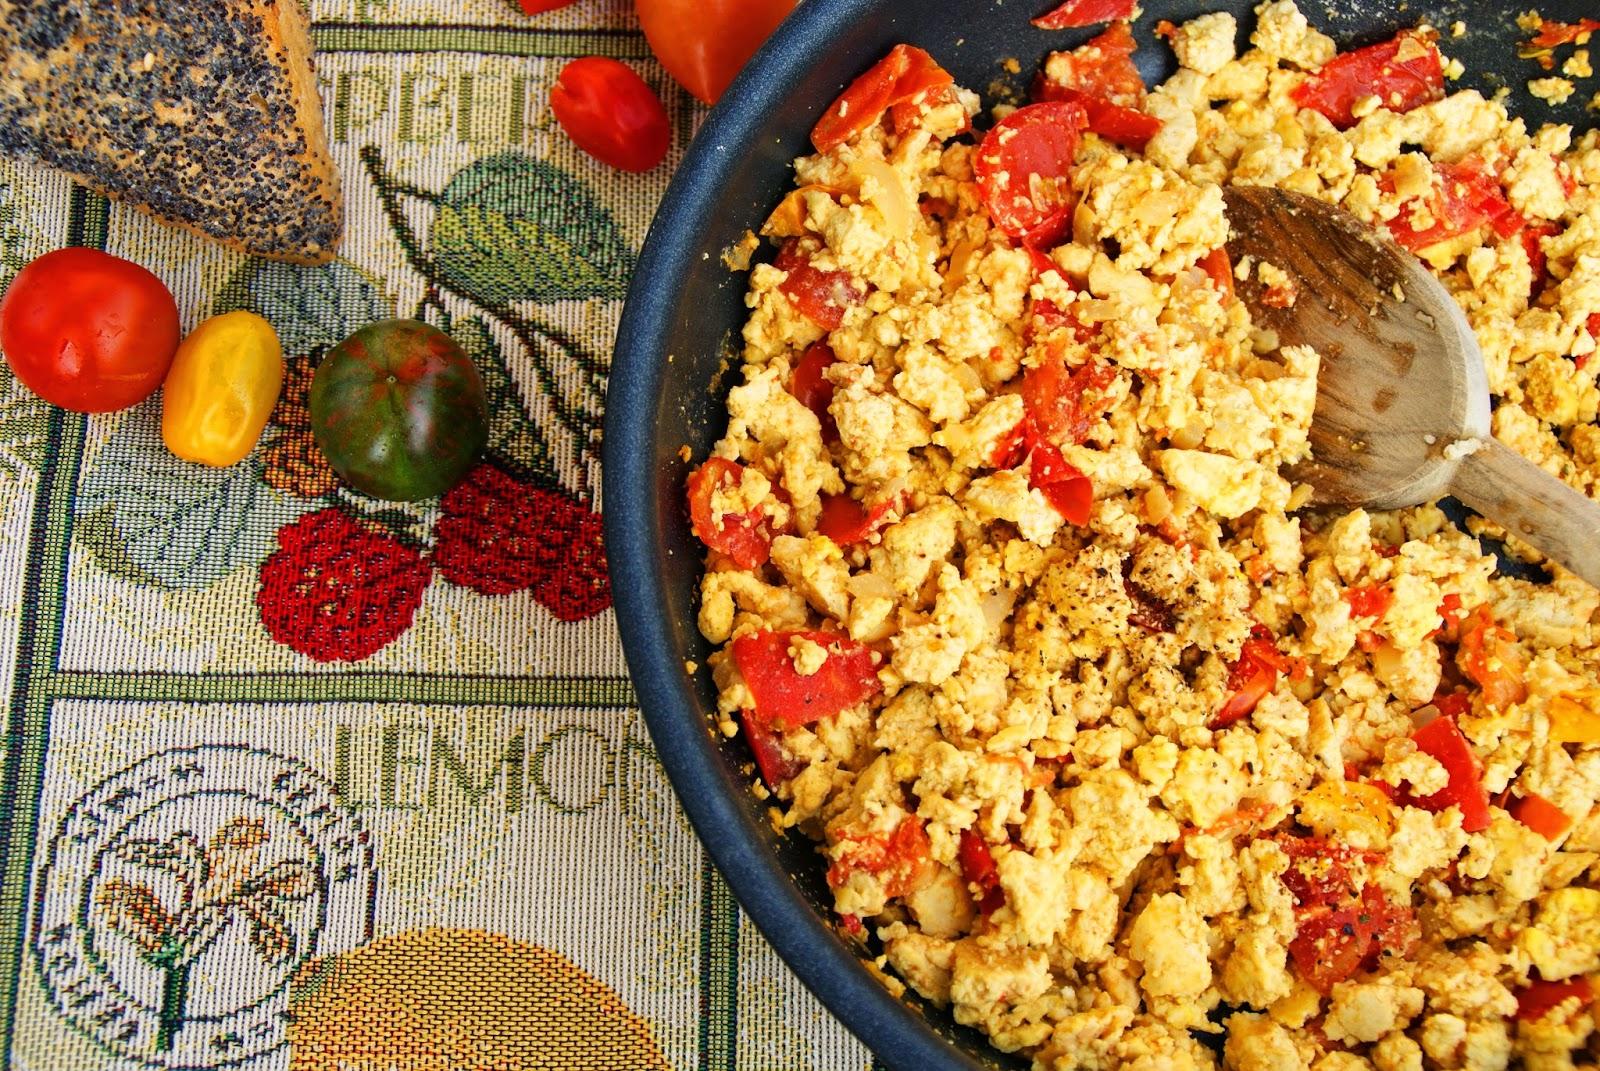 Kochen und backen ohne ei vegane gesellschaft sterreich - Eier hart kochen ohne anstechen ...